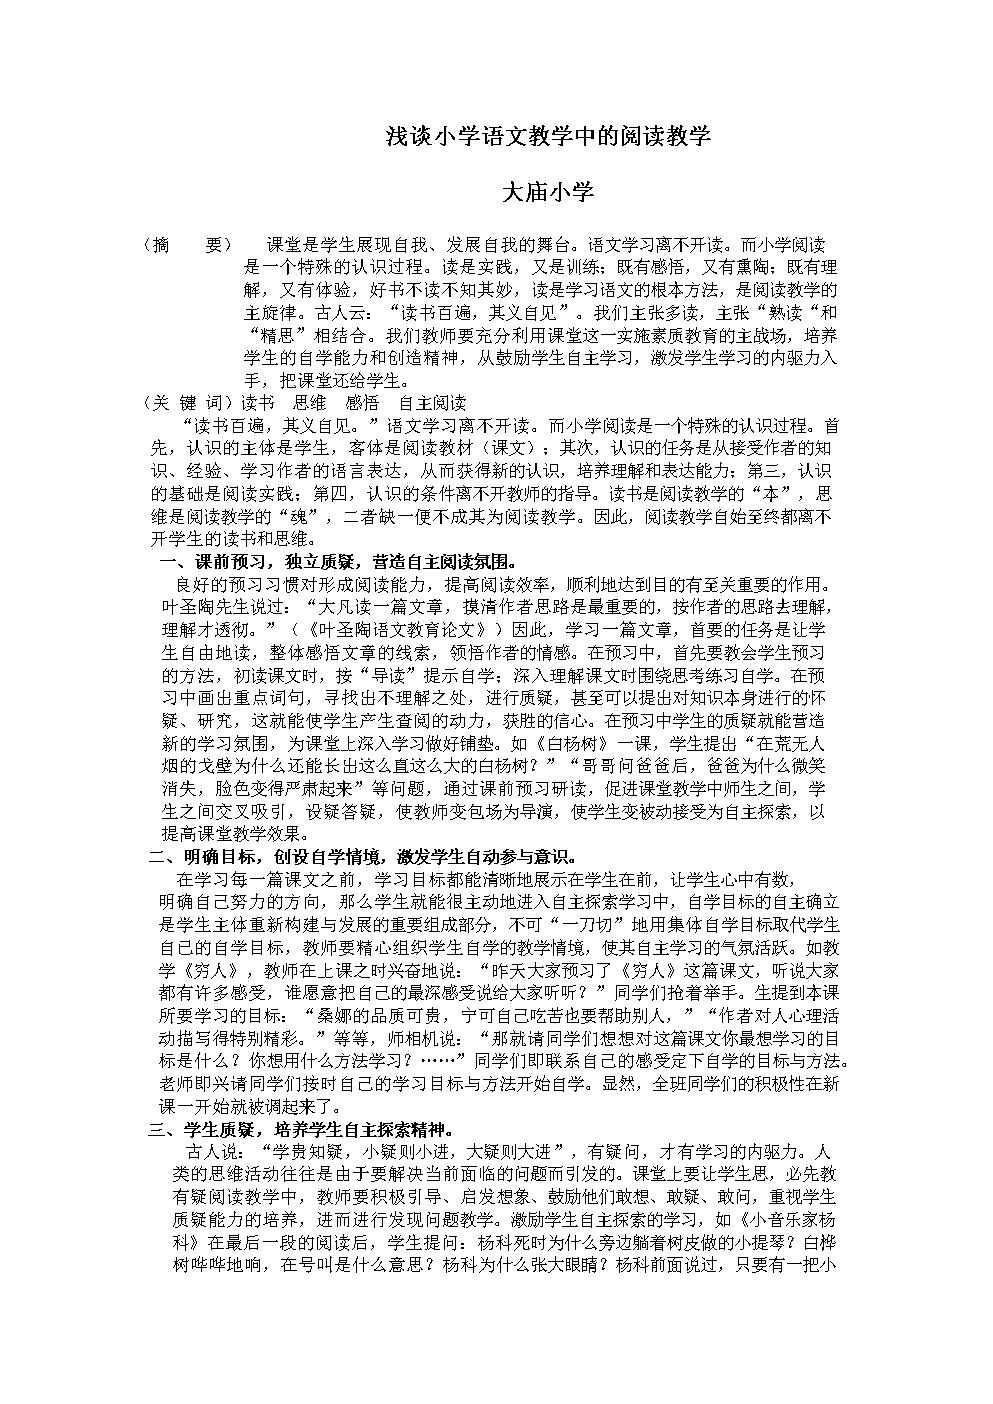 教育论文_《浅谈小学语文教学中的阅读教学》.doc